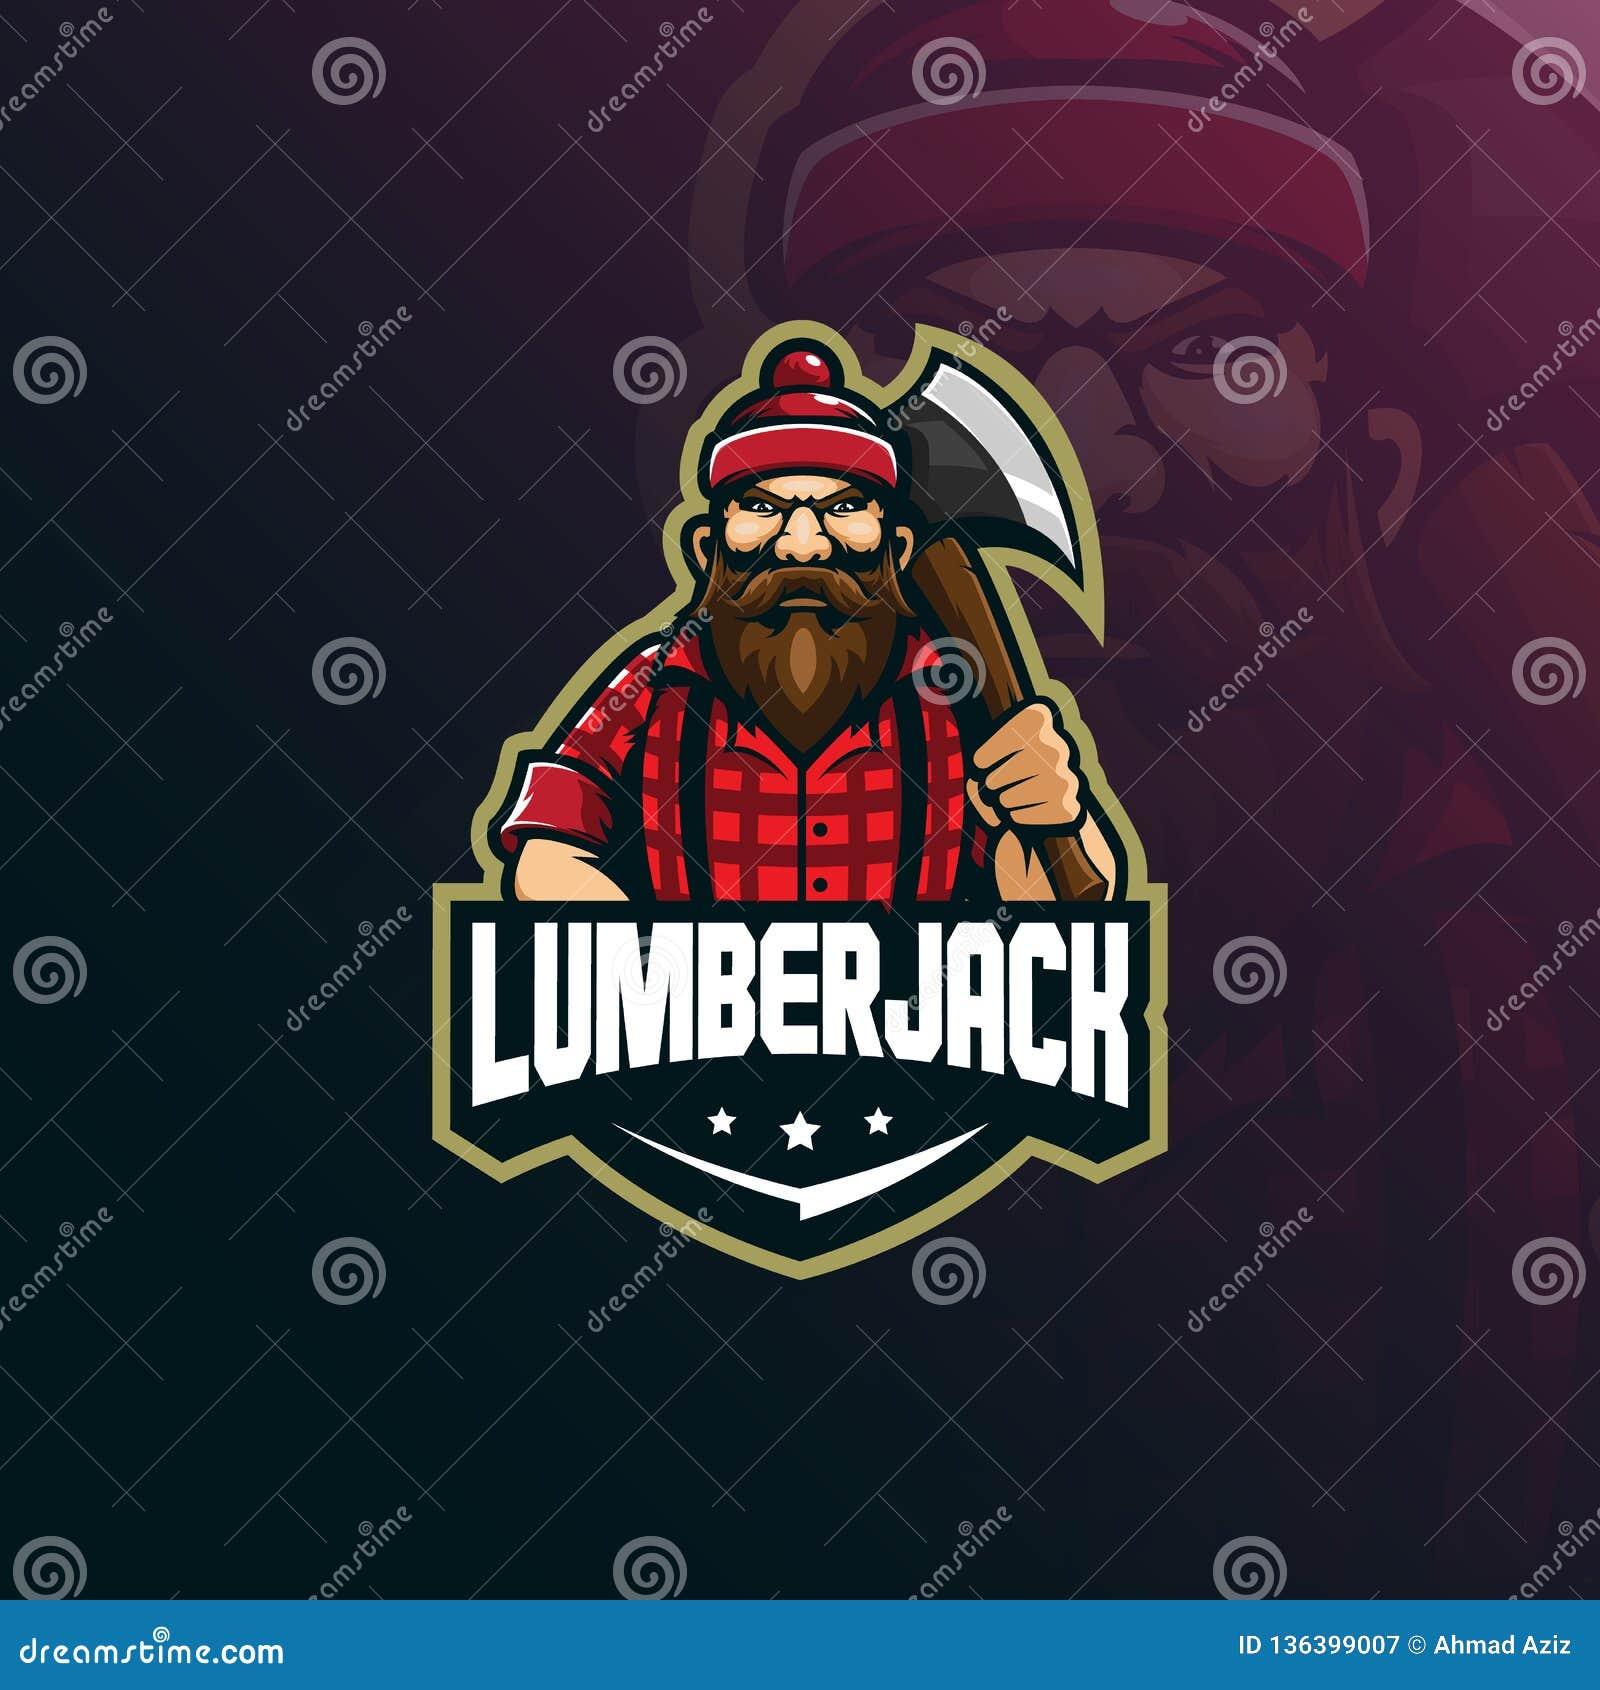 Vektor för design för skogsarbetaremaskotlogo med modern illustrationbegreppsstil för emblem, emblem och t-skjortautskrift lumber